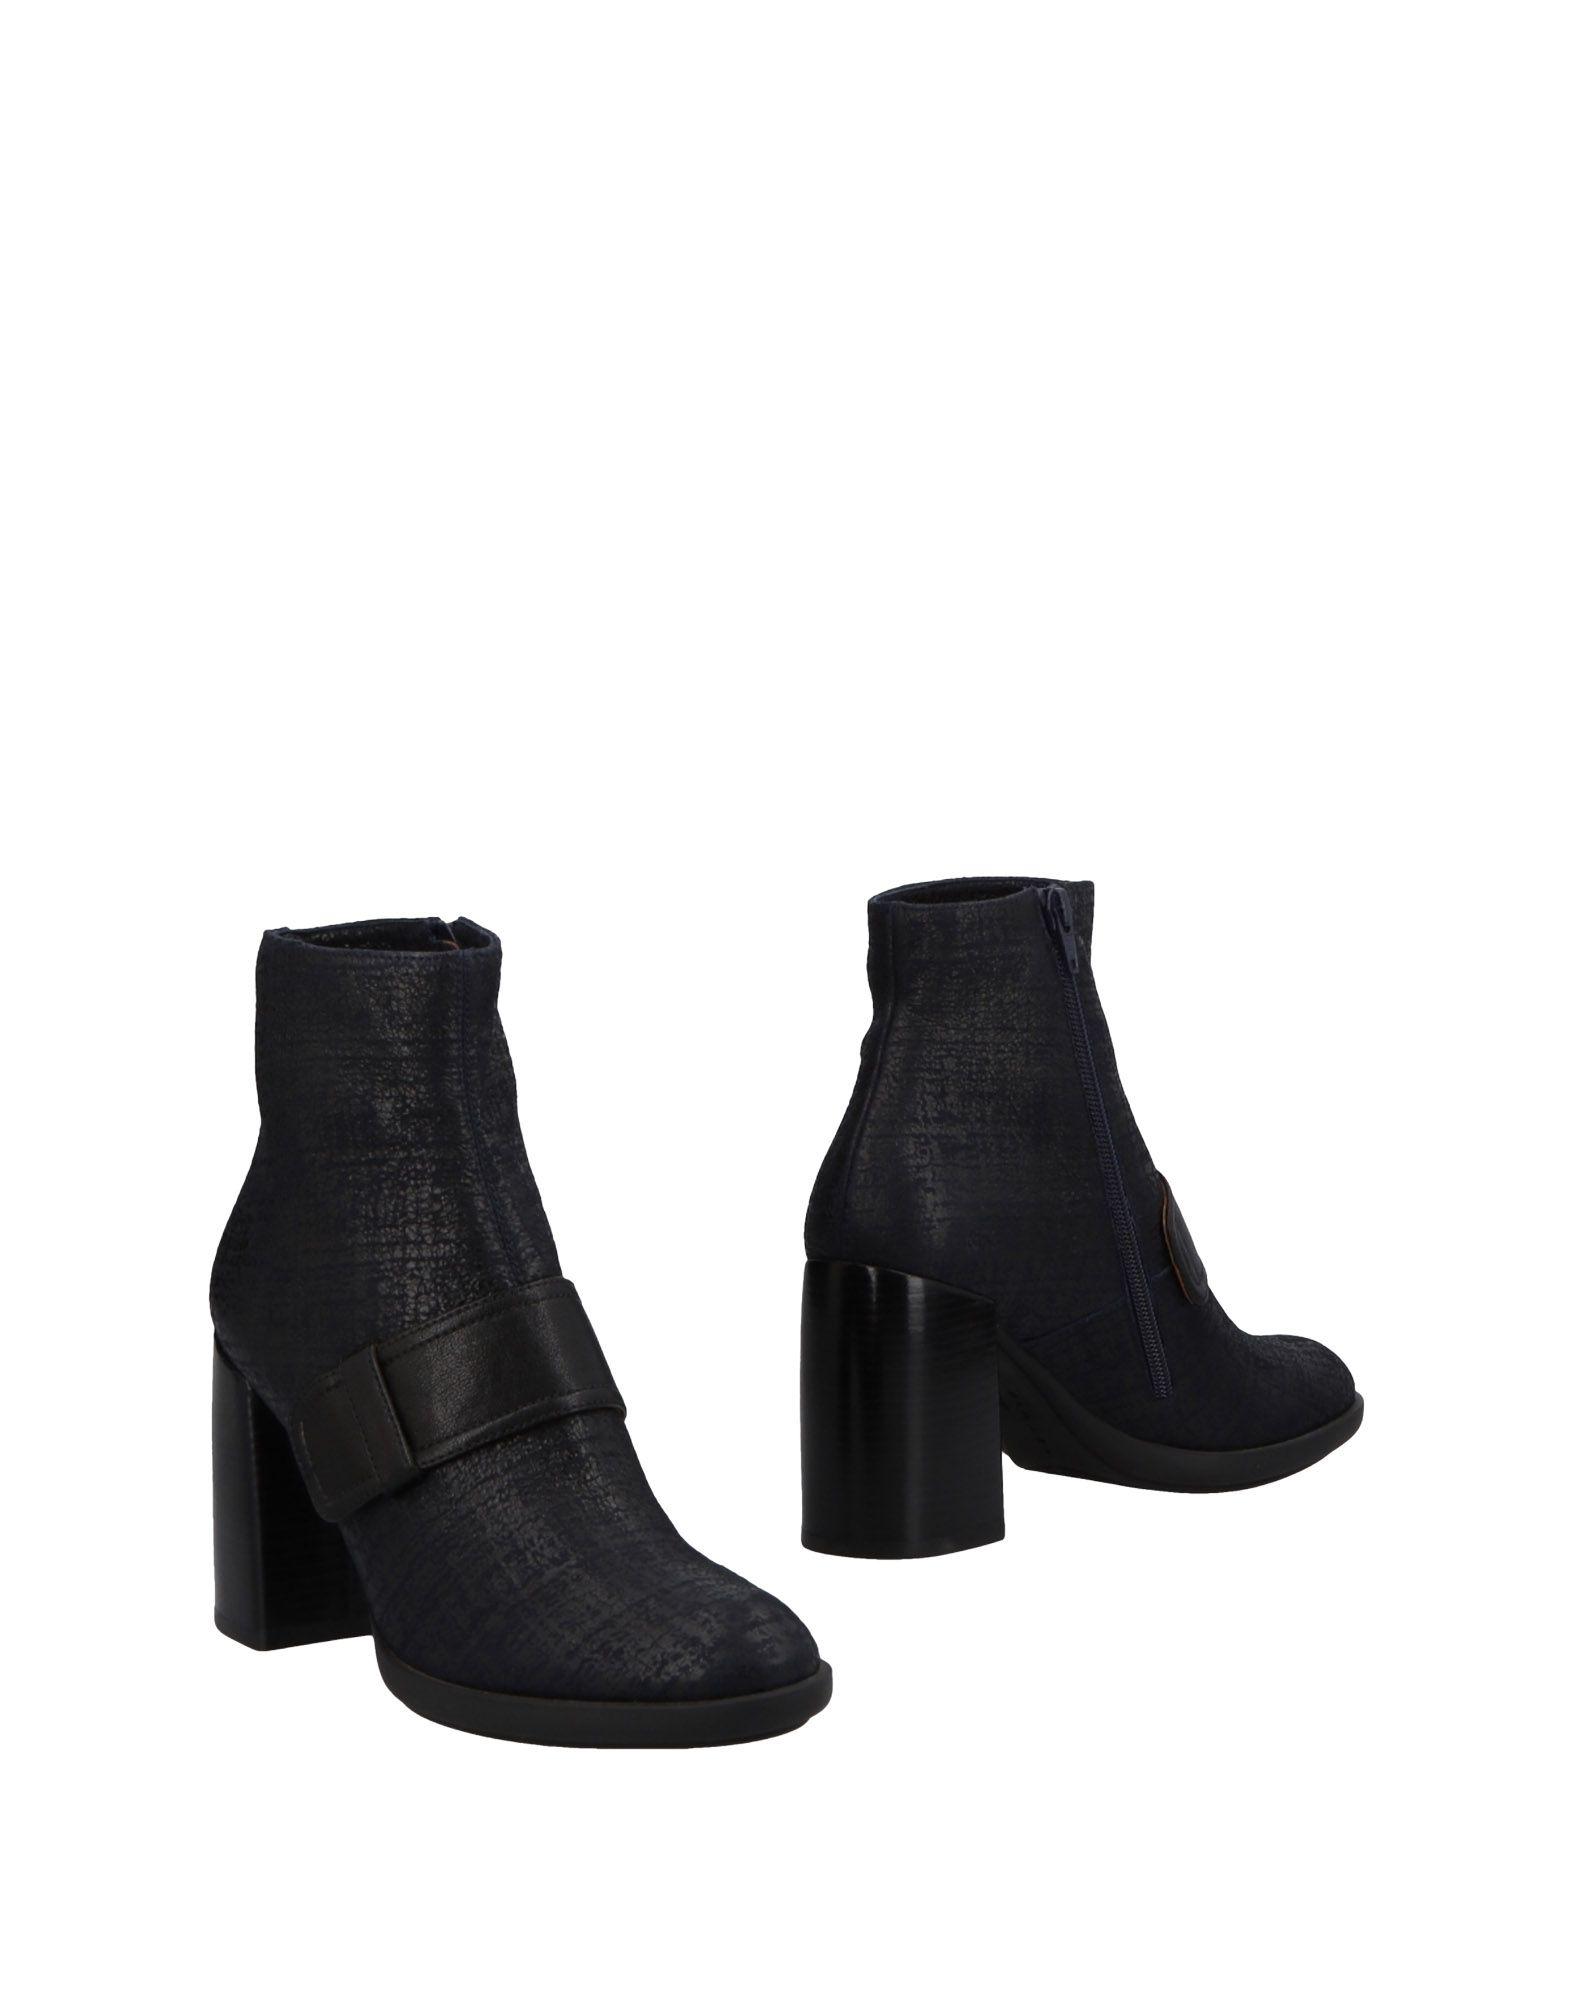 Chie Mihara Stiefelette Damen  11494504DKGut aussehende strapazierfähige Schuhe